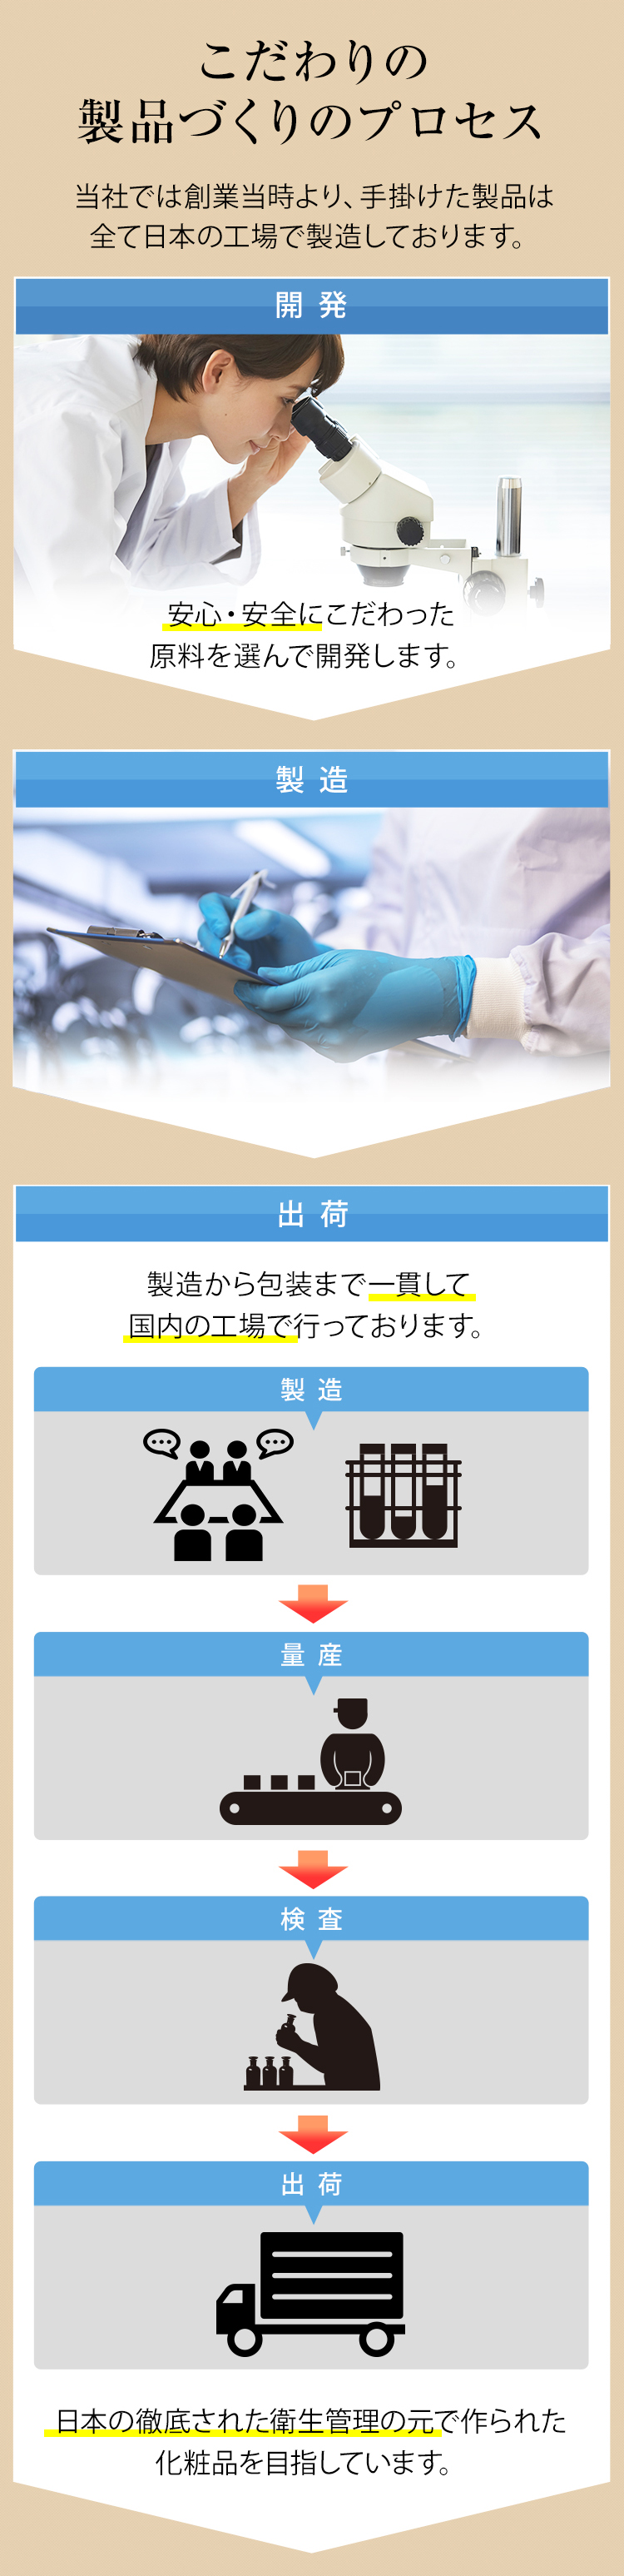 こだわりの製品作り 日本工場